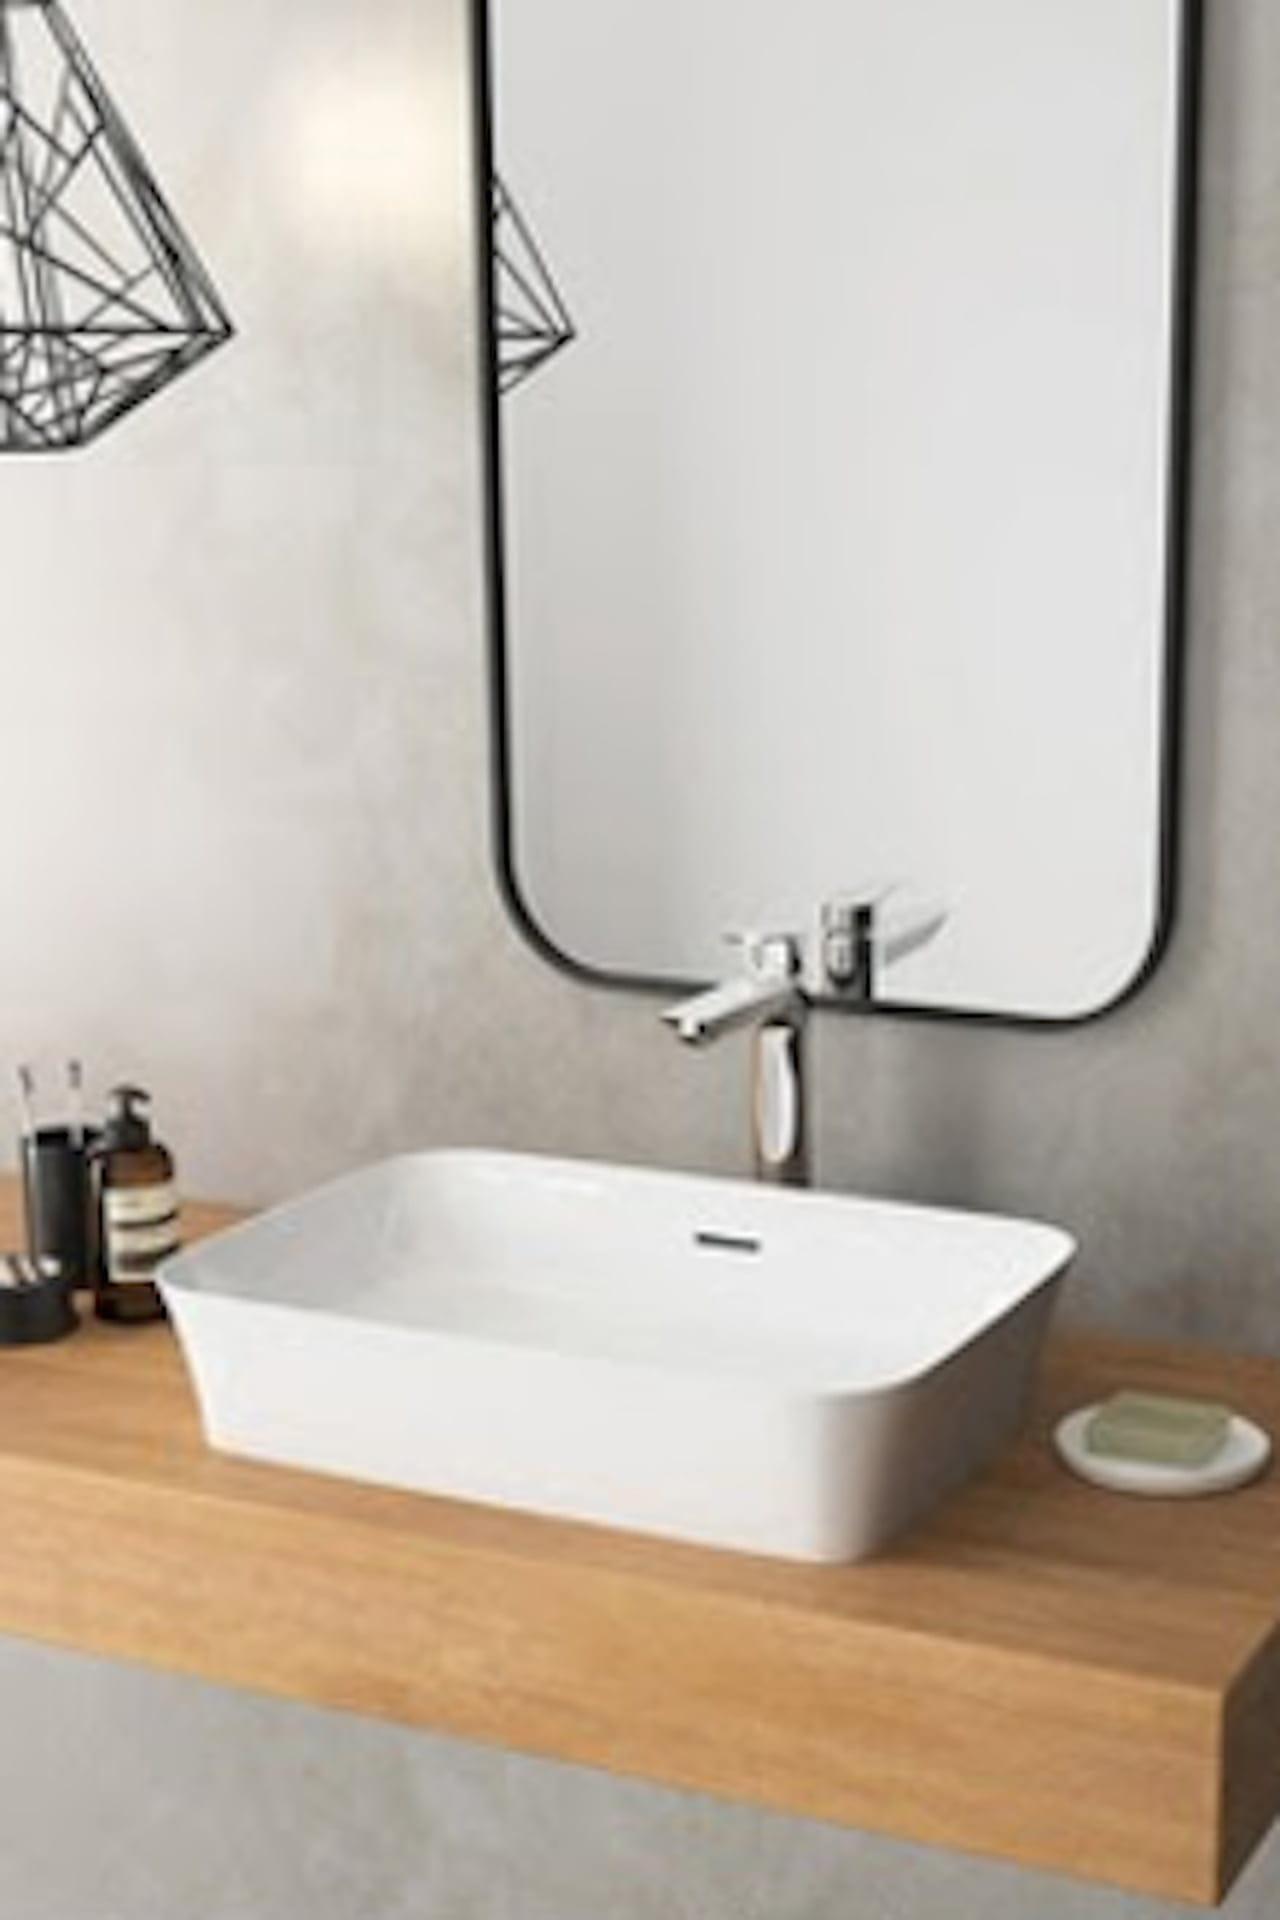 Lavello Bagno Da Appoggio lavabo da appoggio: design contemporaneo o vintage